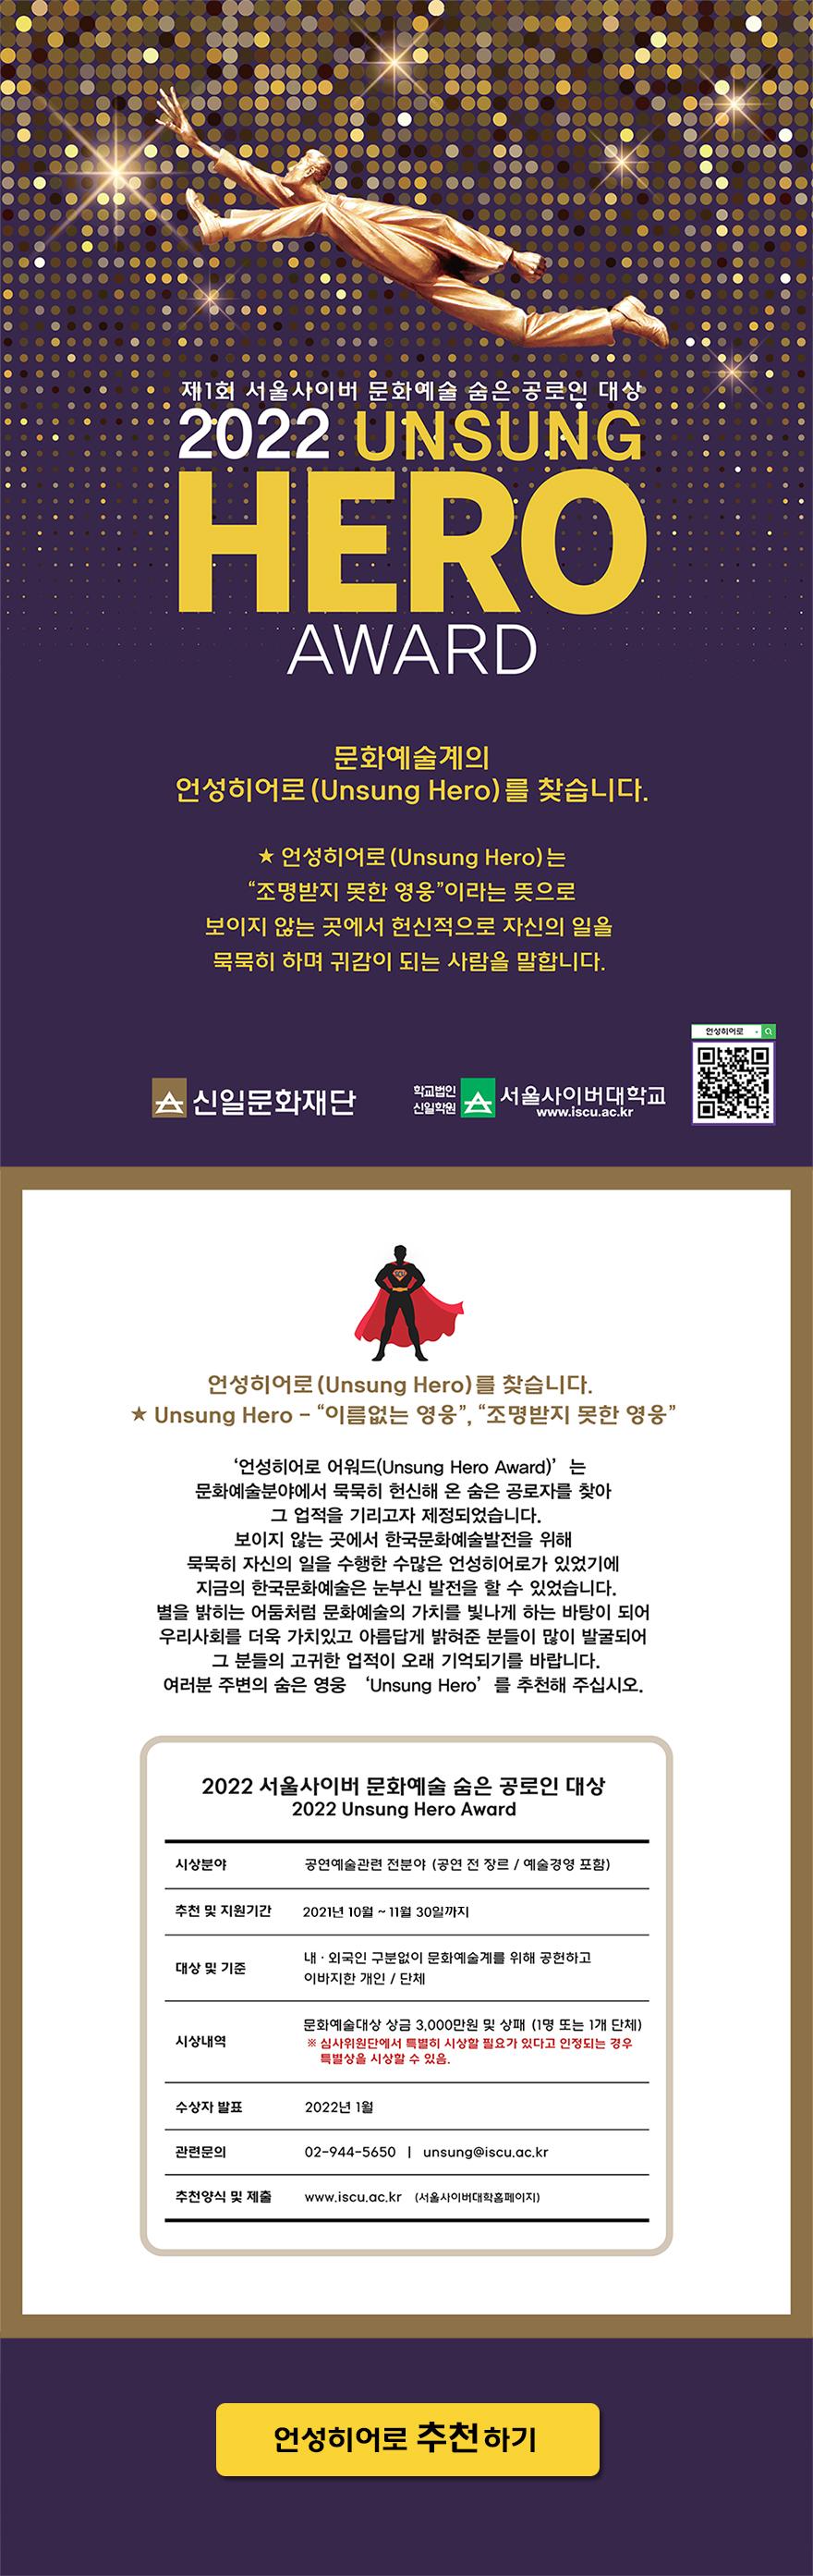 제1회 서울사이버 문화예술 숨은 공로인 대상 2022 UNSUNG HERO AWARD